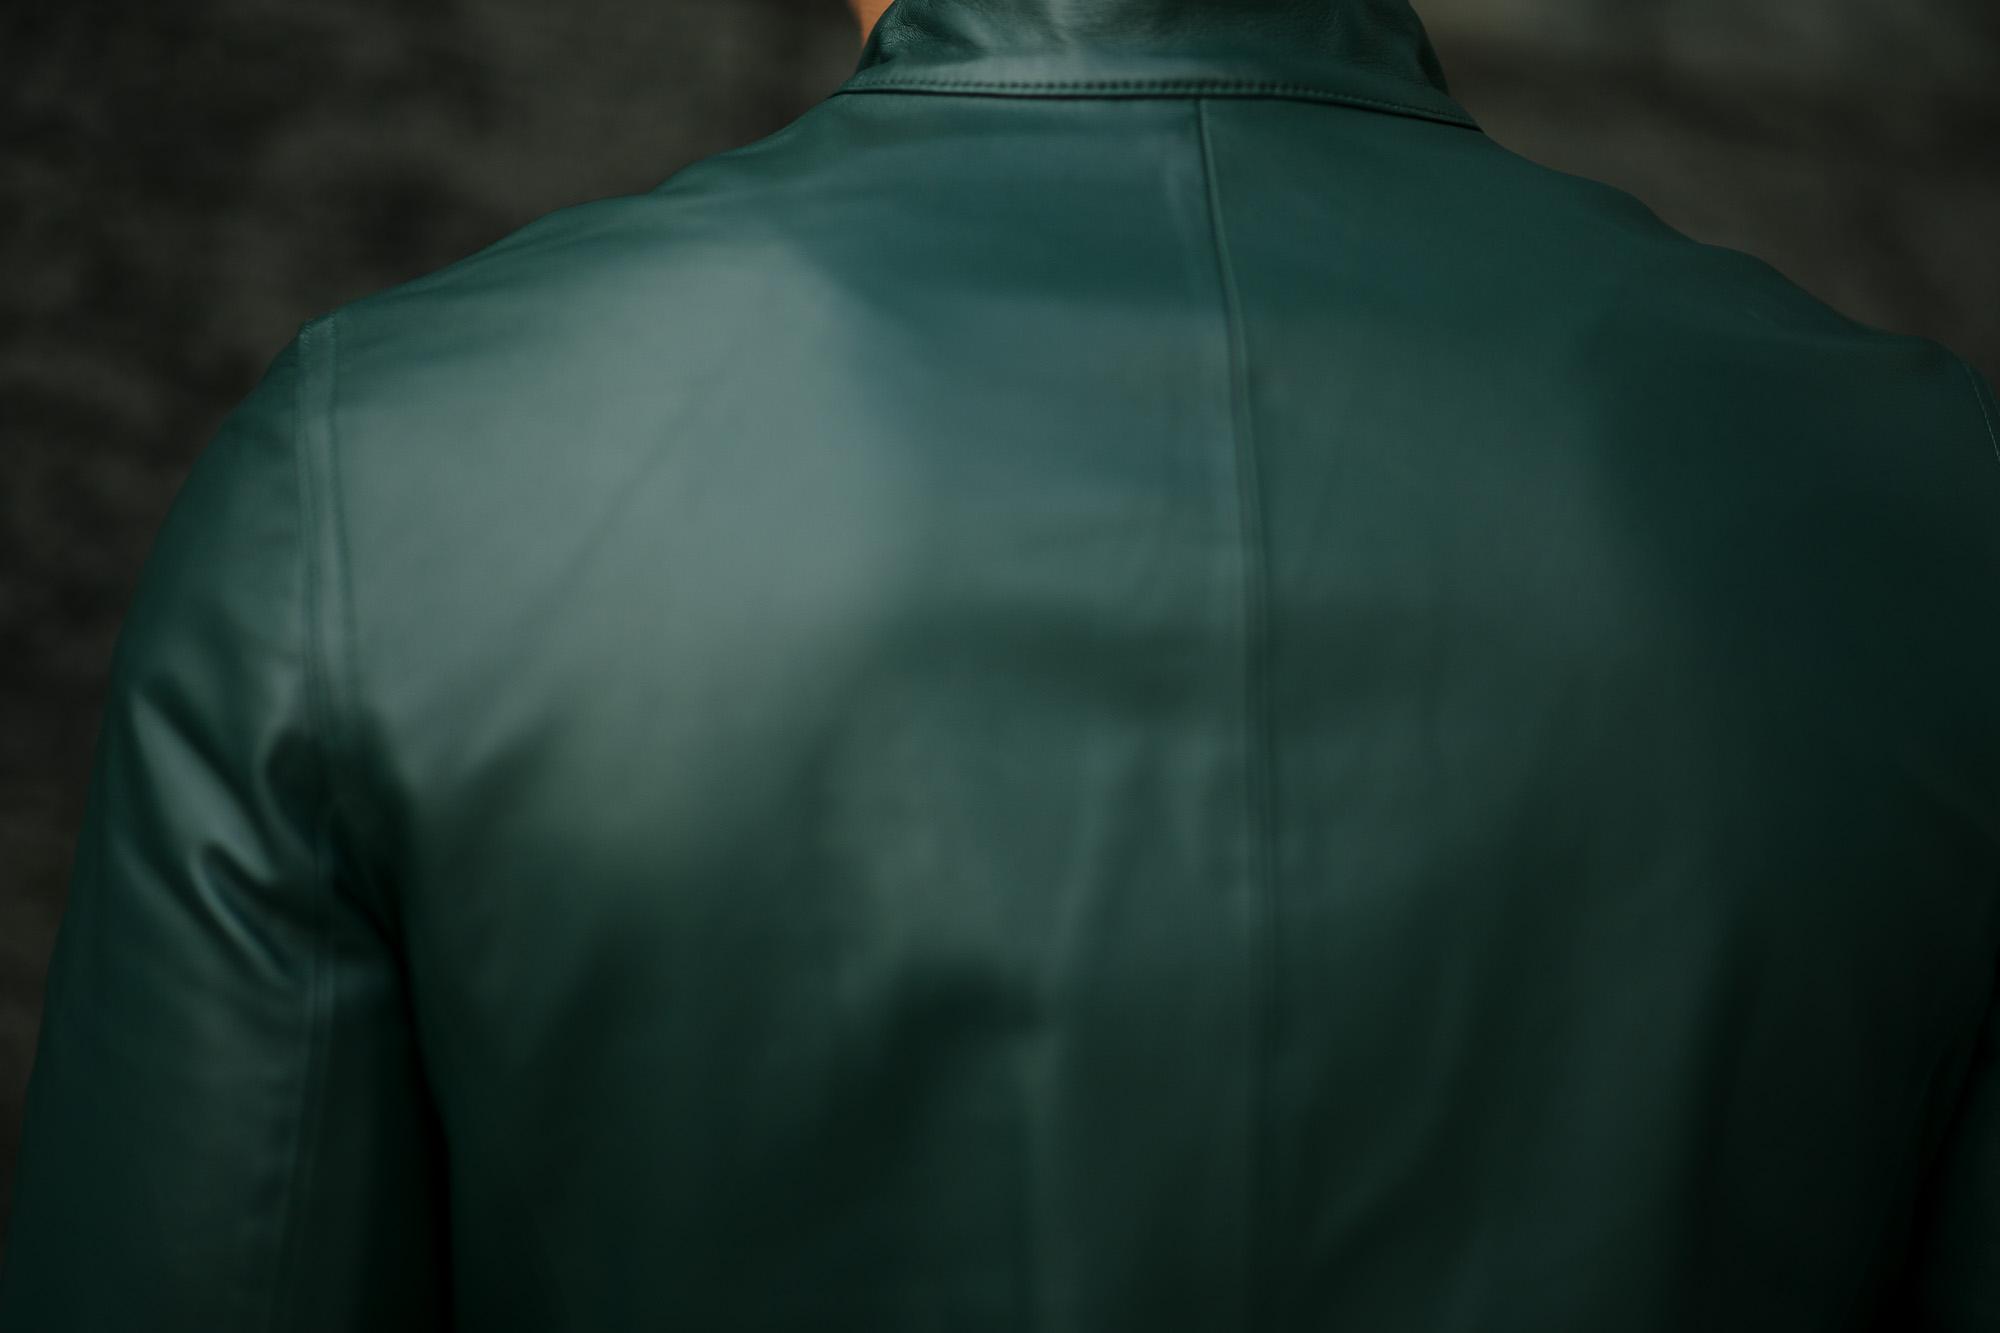 EMMETIエンメティ JOSEPH ジョセフ Lambskin Nappa Leather ラムナッパ レザー ダブルライダース BISTRO GARDEN グリーン イタリア製 2020 秋冬 【入荷しました】愛知 名古屋 altoediritto アルトエデリット レザージャケット ライダー